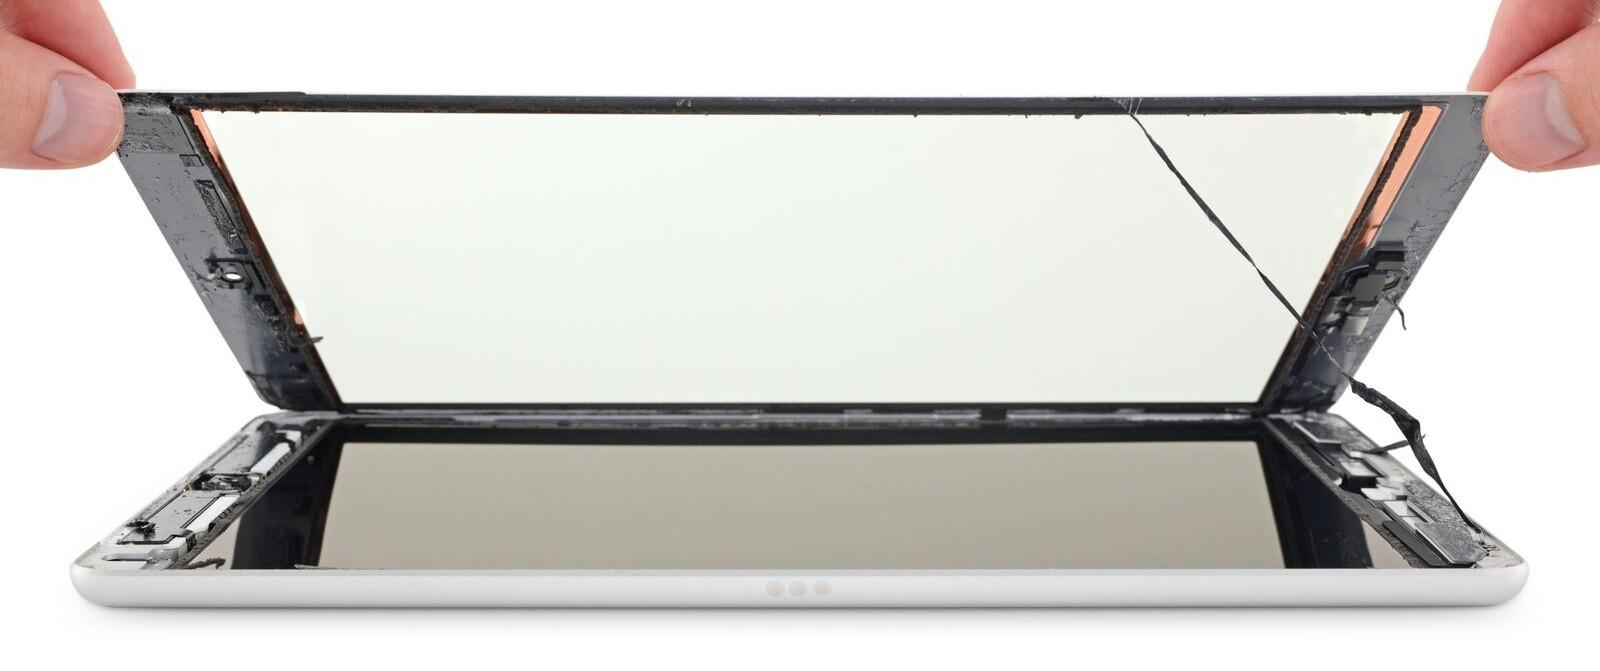 iPad Dokunmatik Değişimi